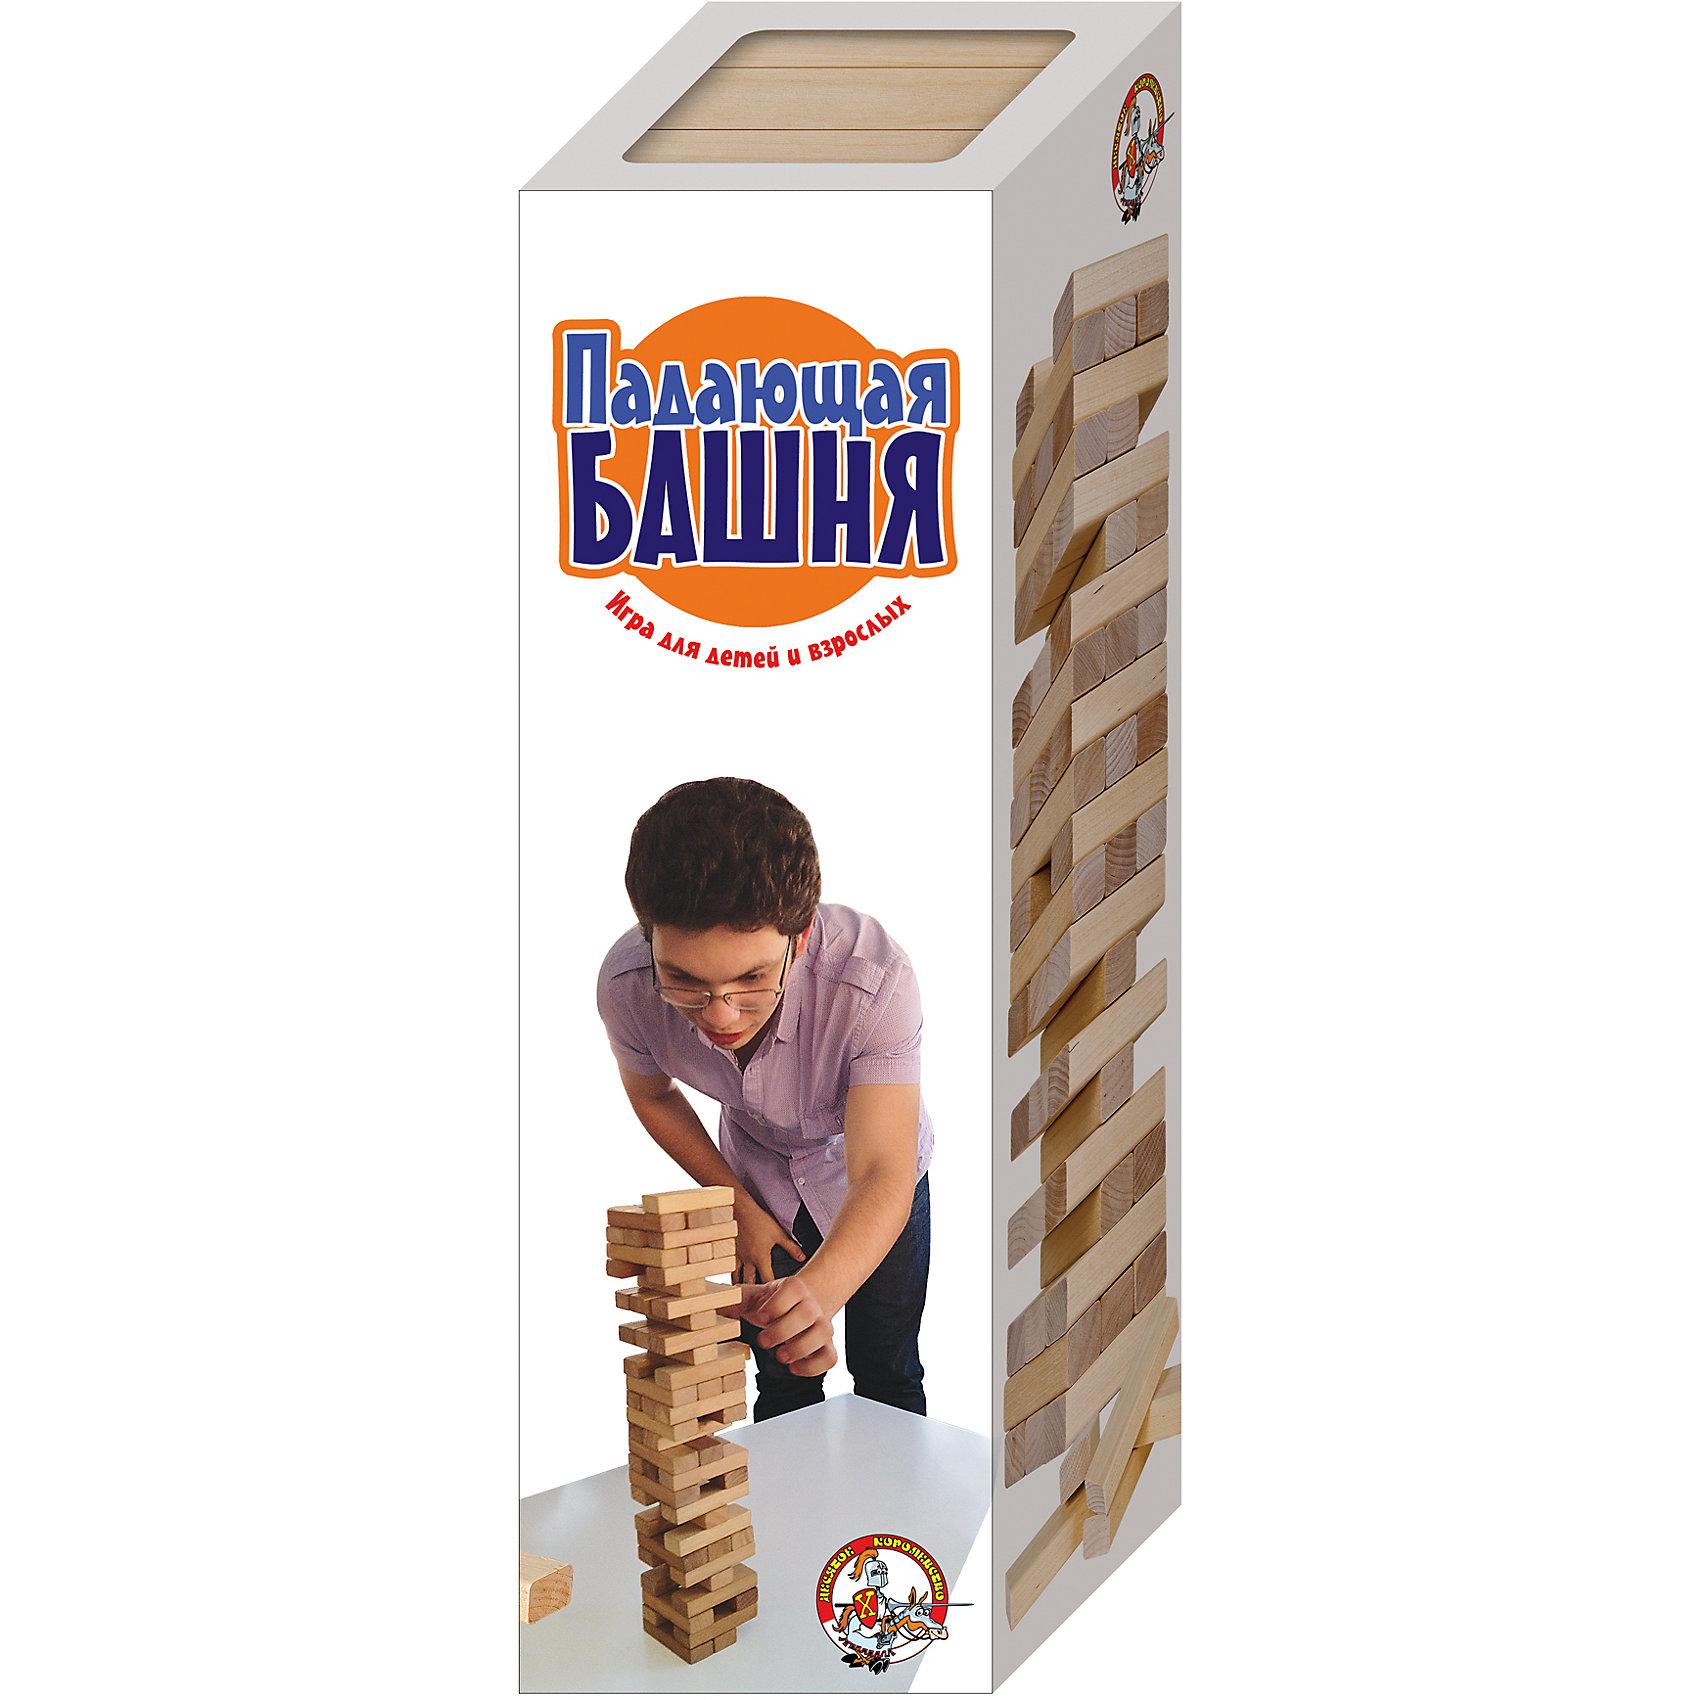 Игра для детей и взрослых